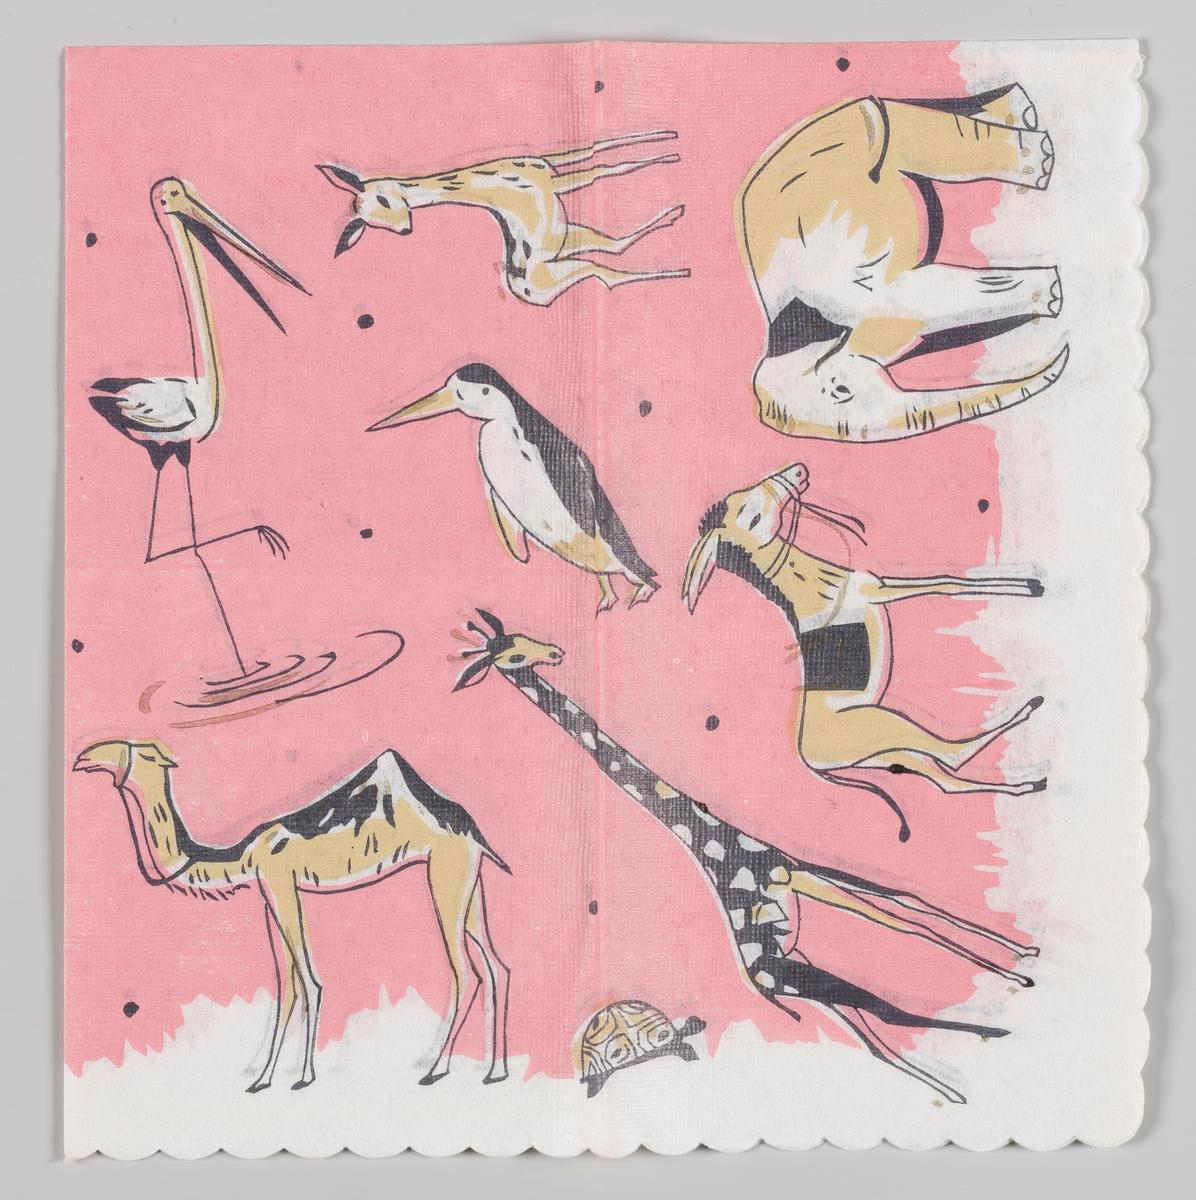 Flere dyr: en trane, en hjort, en pingvin, en kamel, en sjiraff, en skilpadde, et esel, en elefant